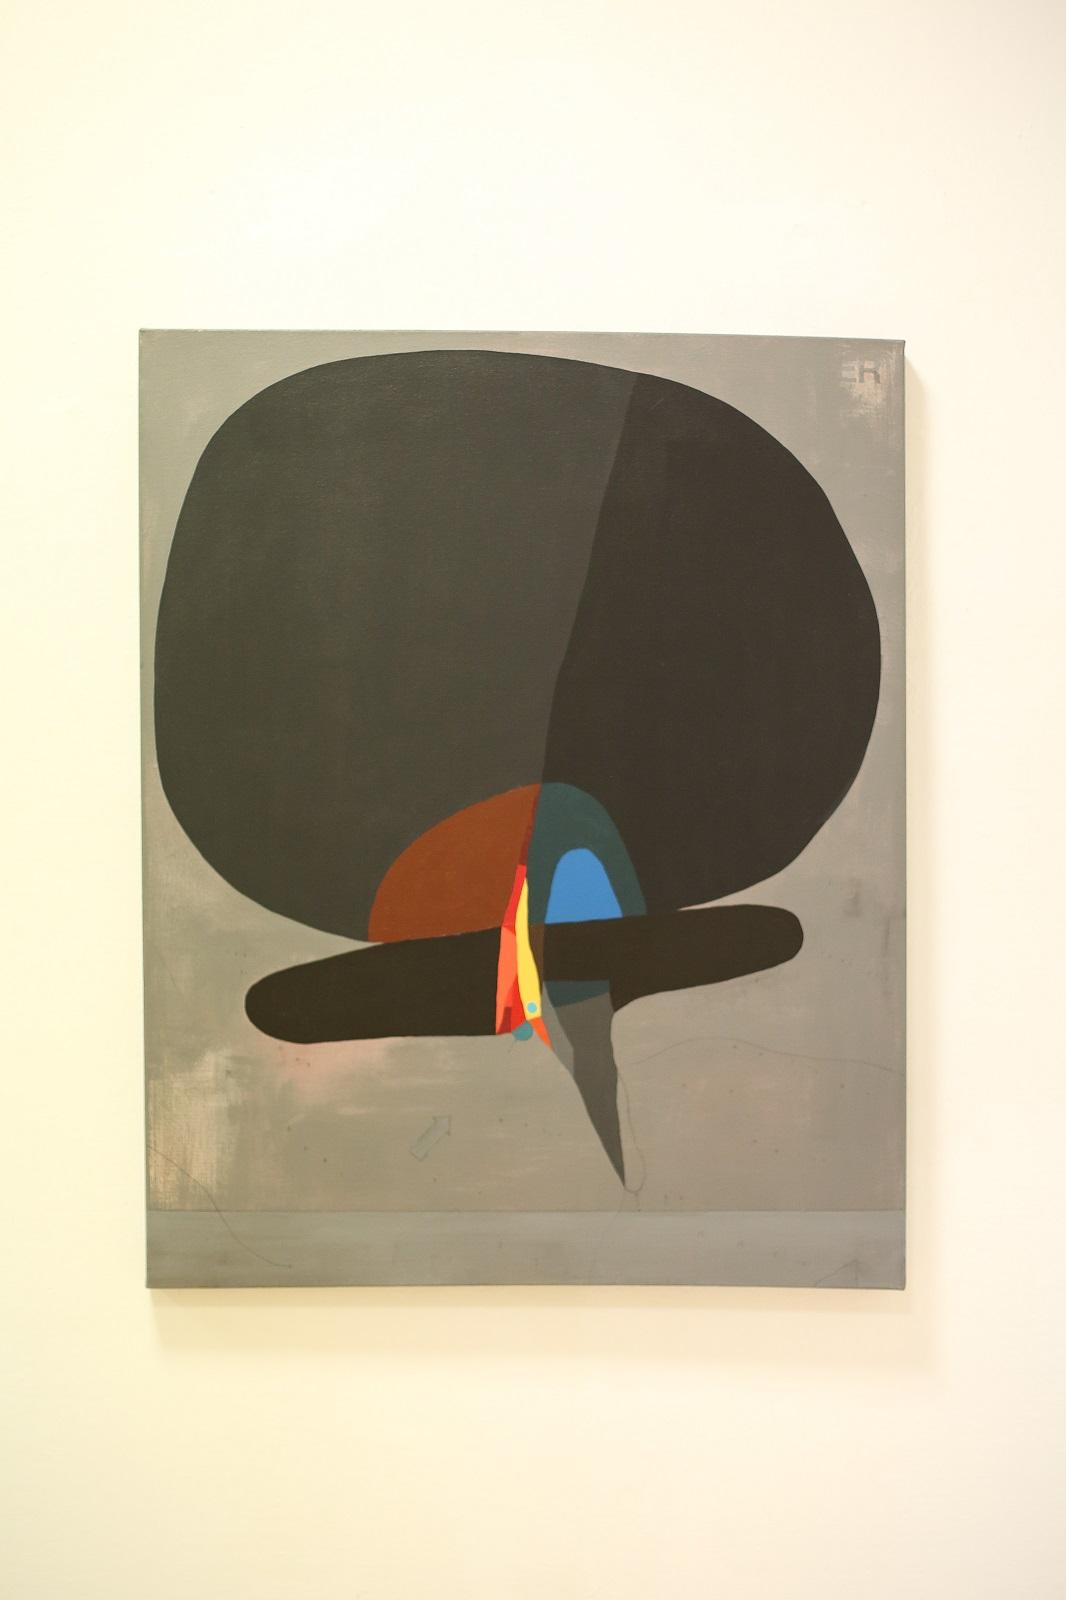 108-la-forma-e-lignoto-at-ego-gallery-recap-07